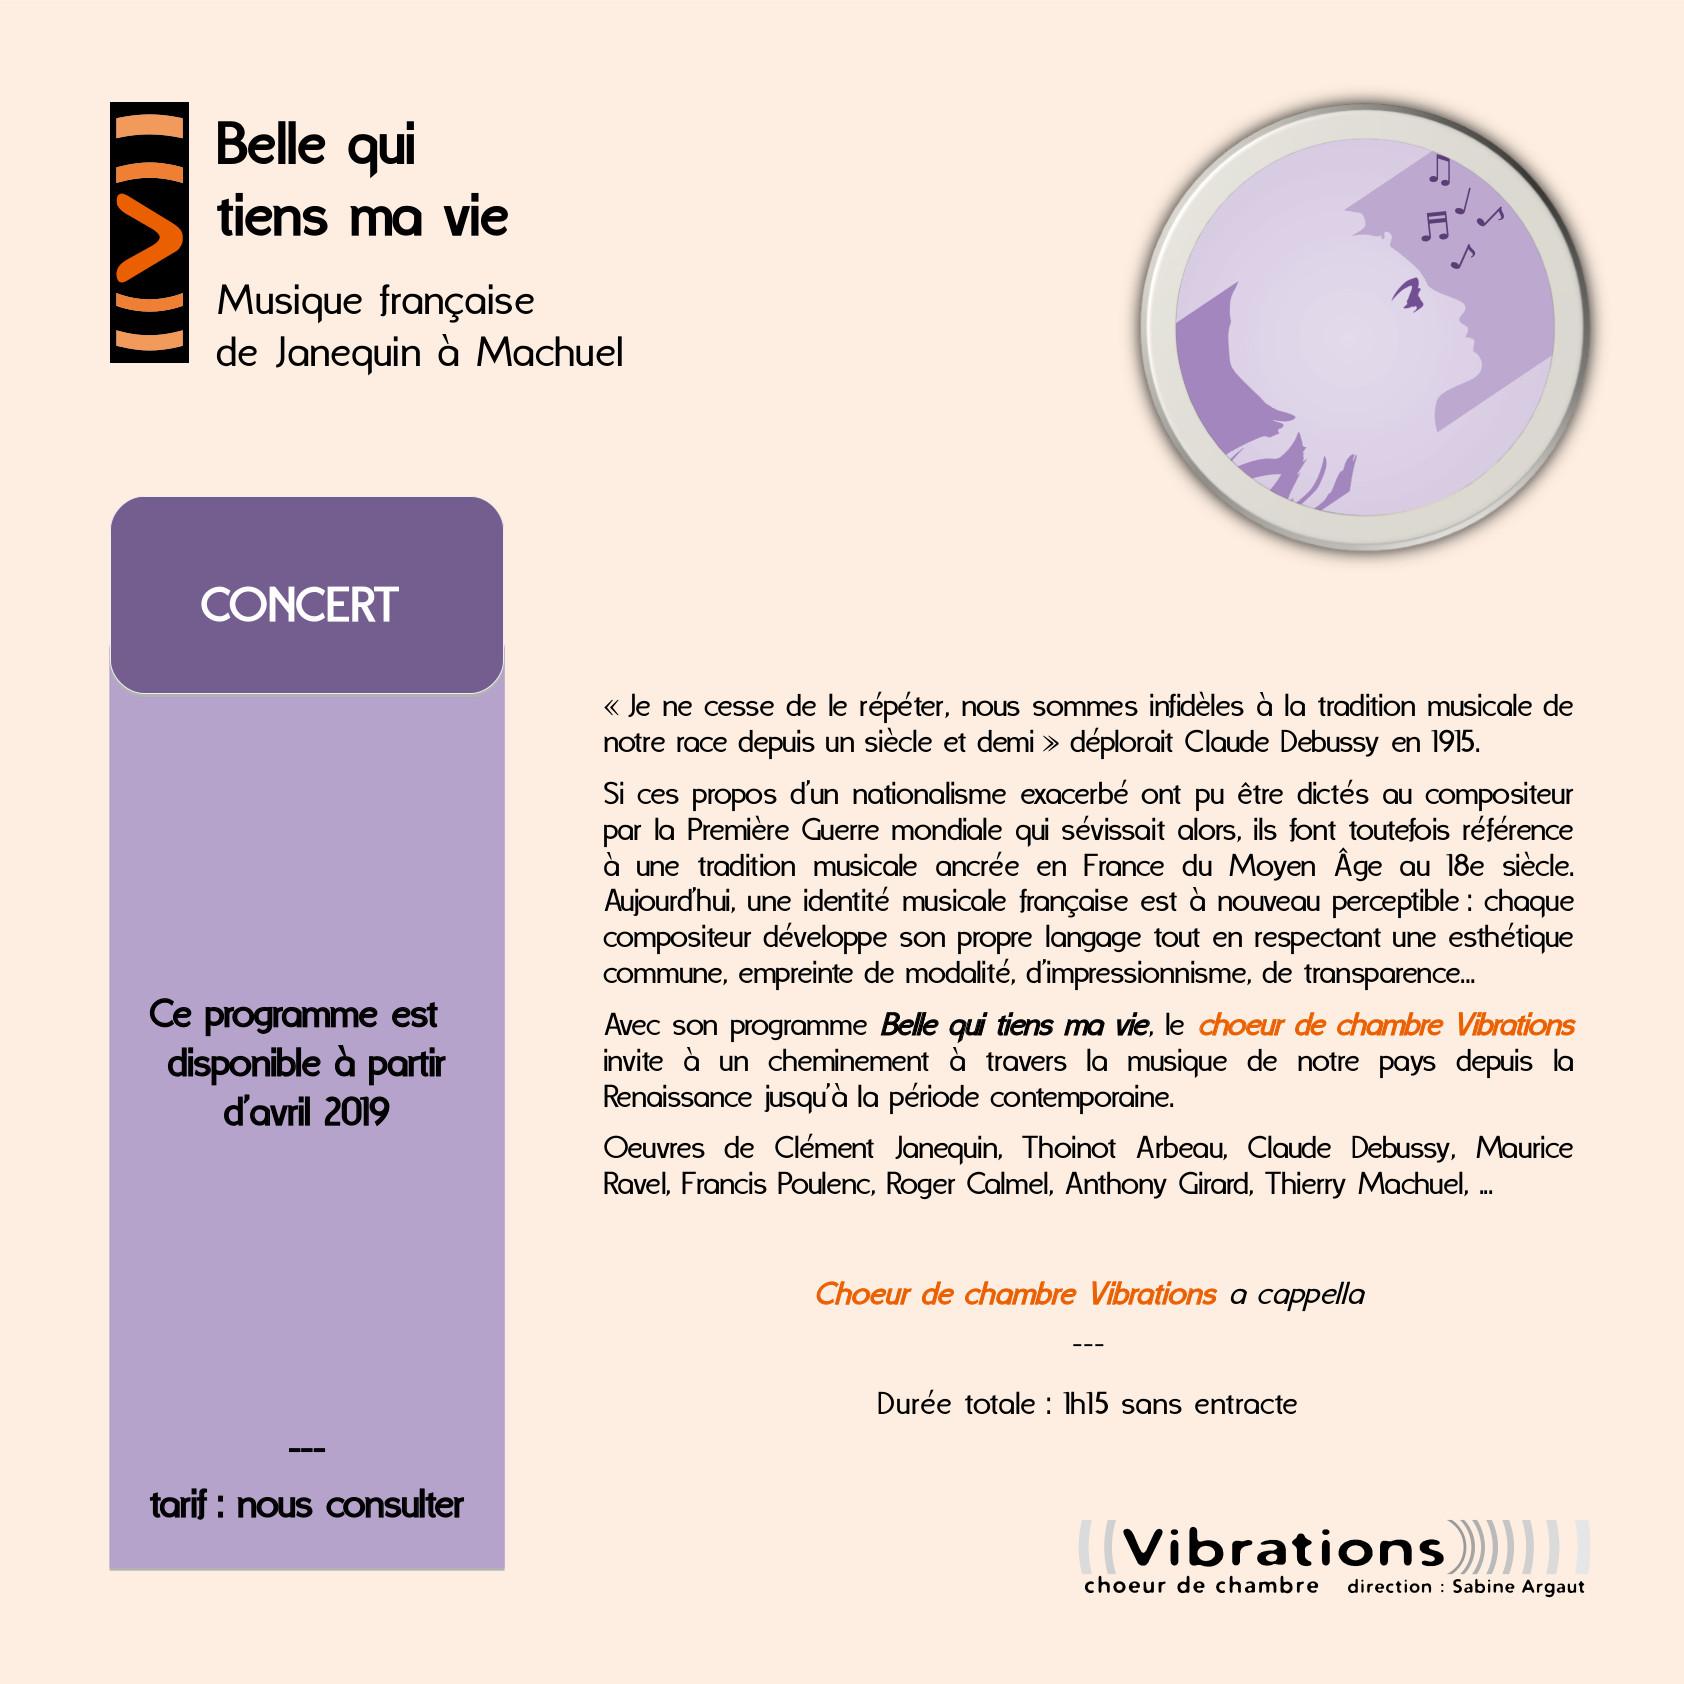 fiche_musique_francaise_2